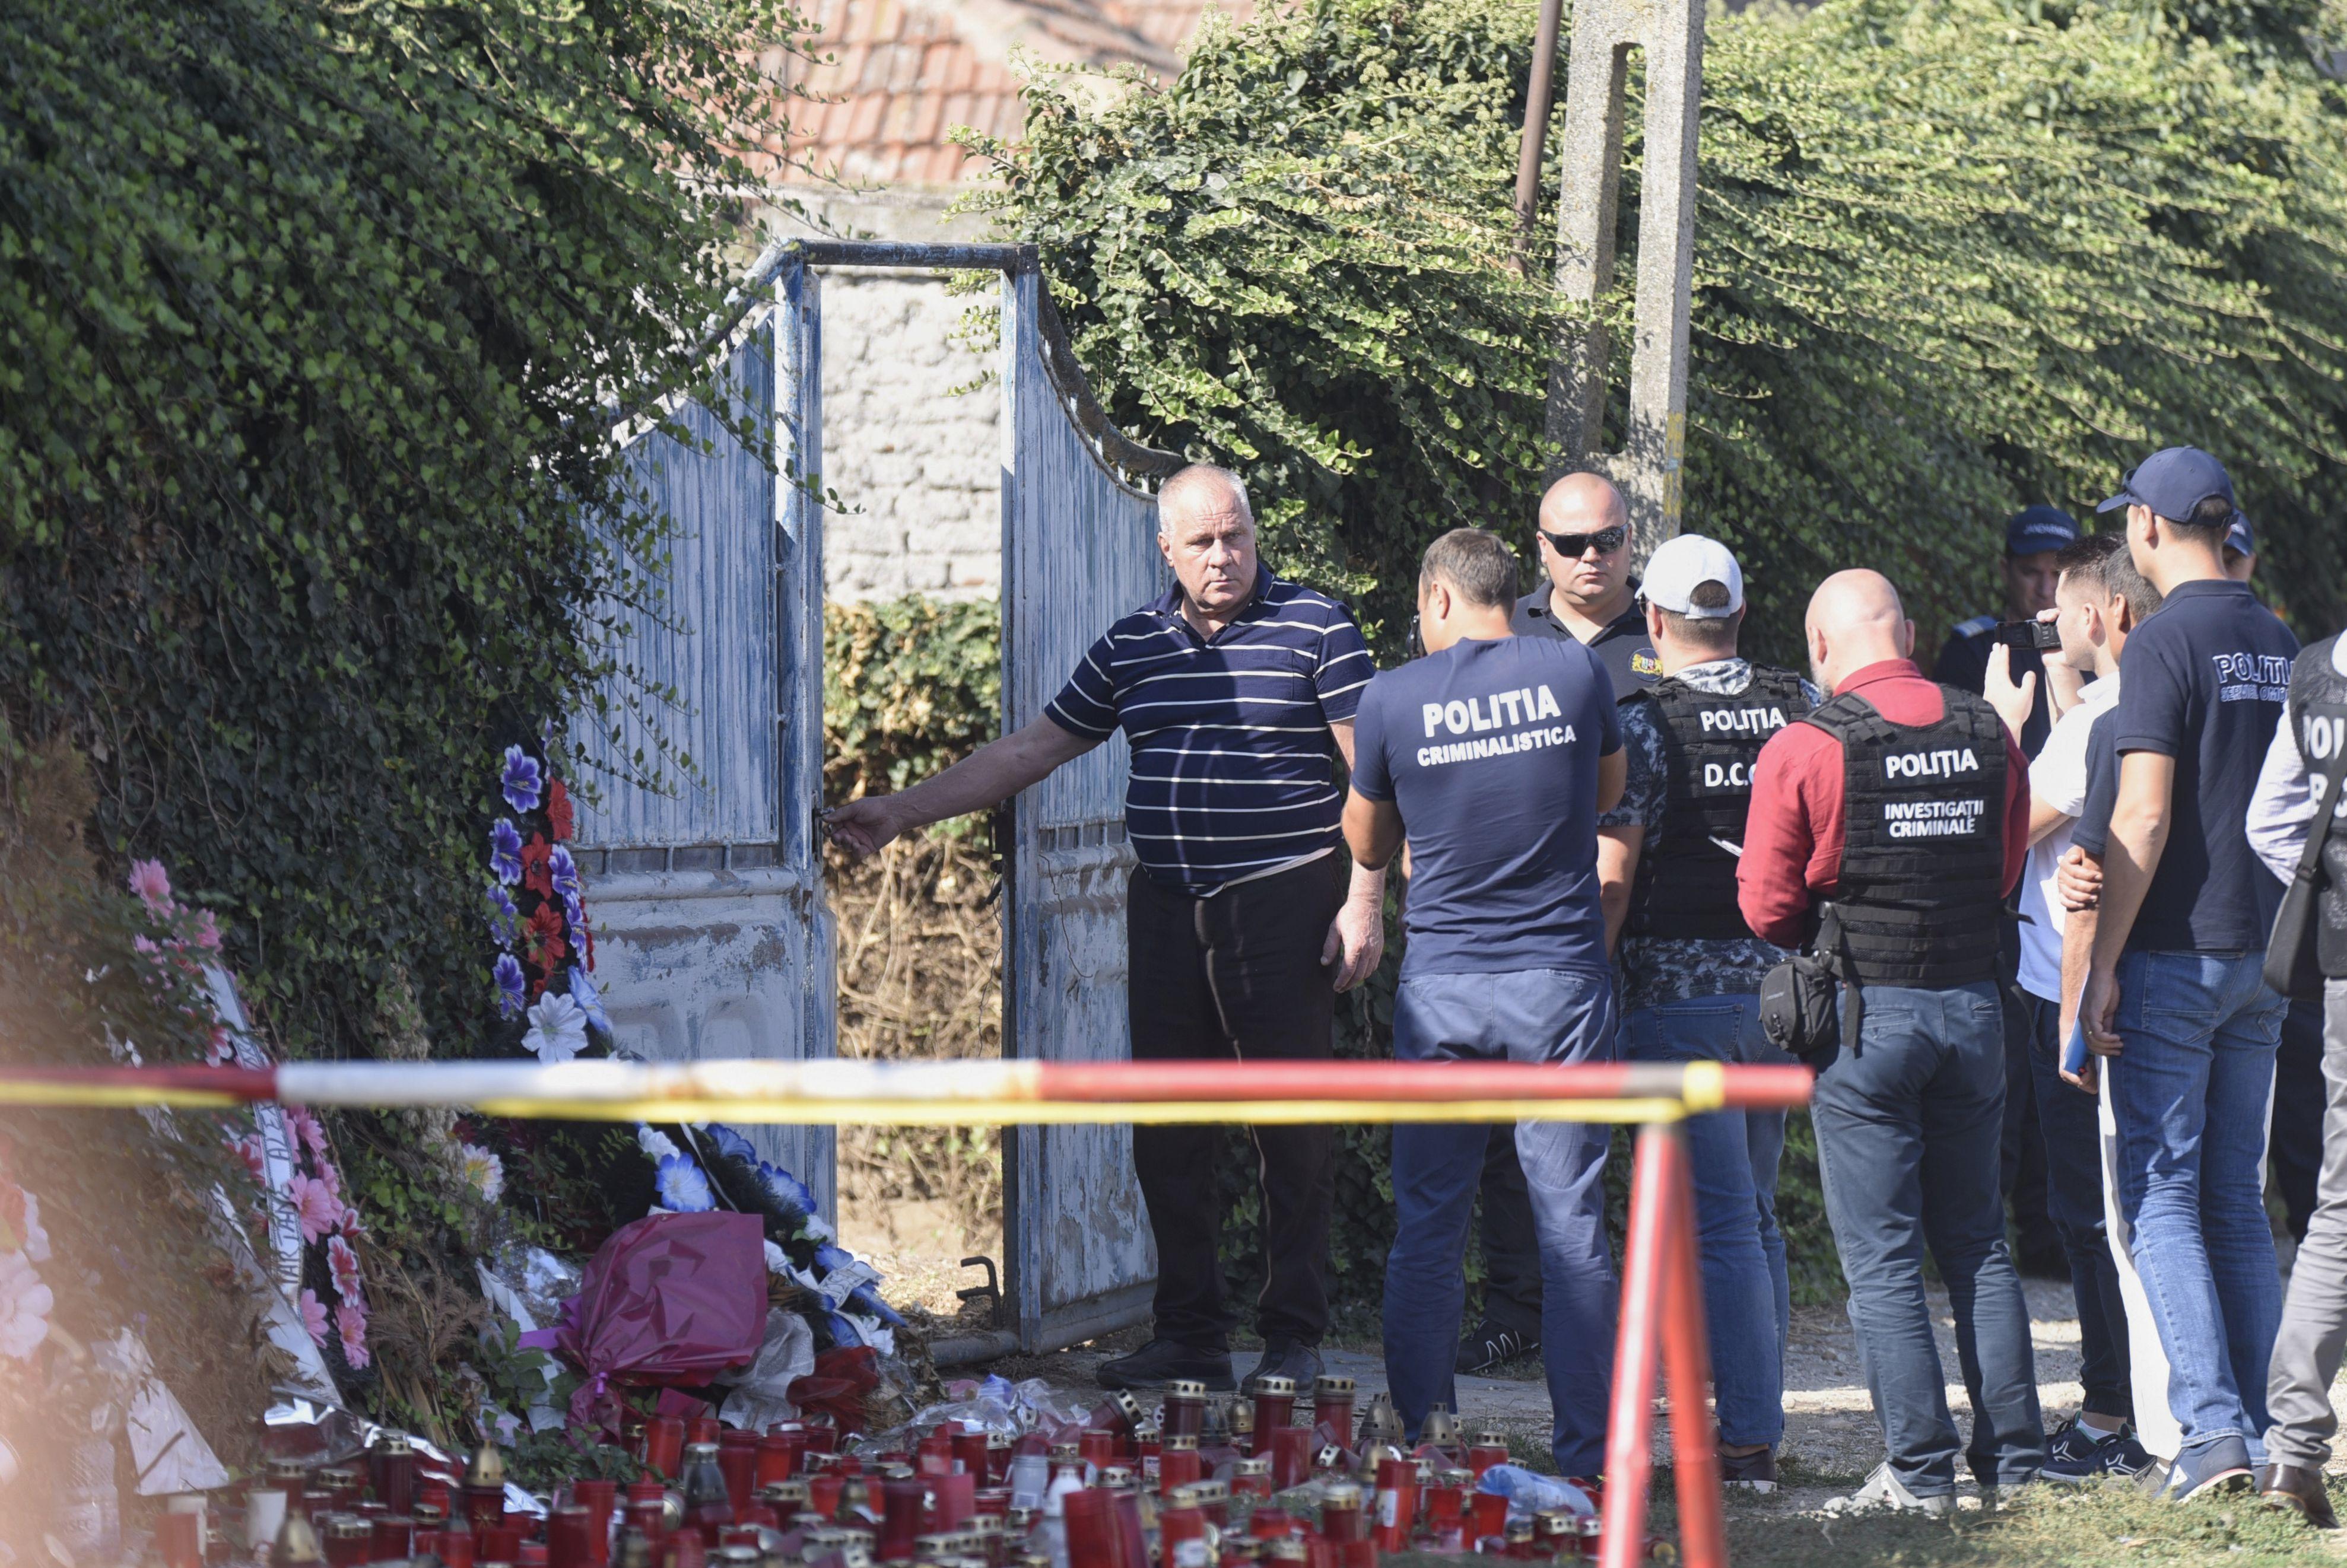 Răsturnare de situație în cazul Caracal! Motivul pentru care Gheorghe Dincă nu poate fi acuzat pentru omor. Ce s-a întâmplat cu Alexandra și Luiza